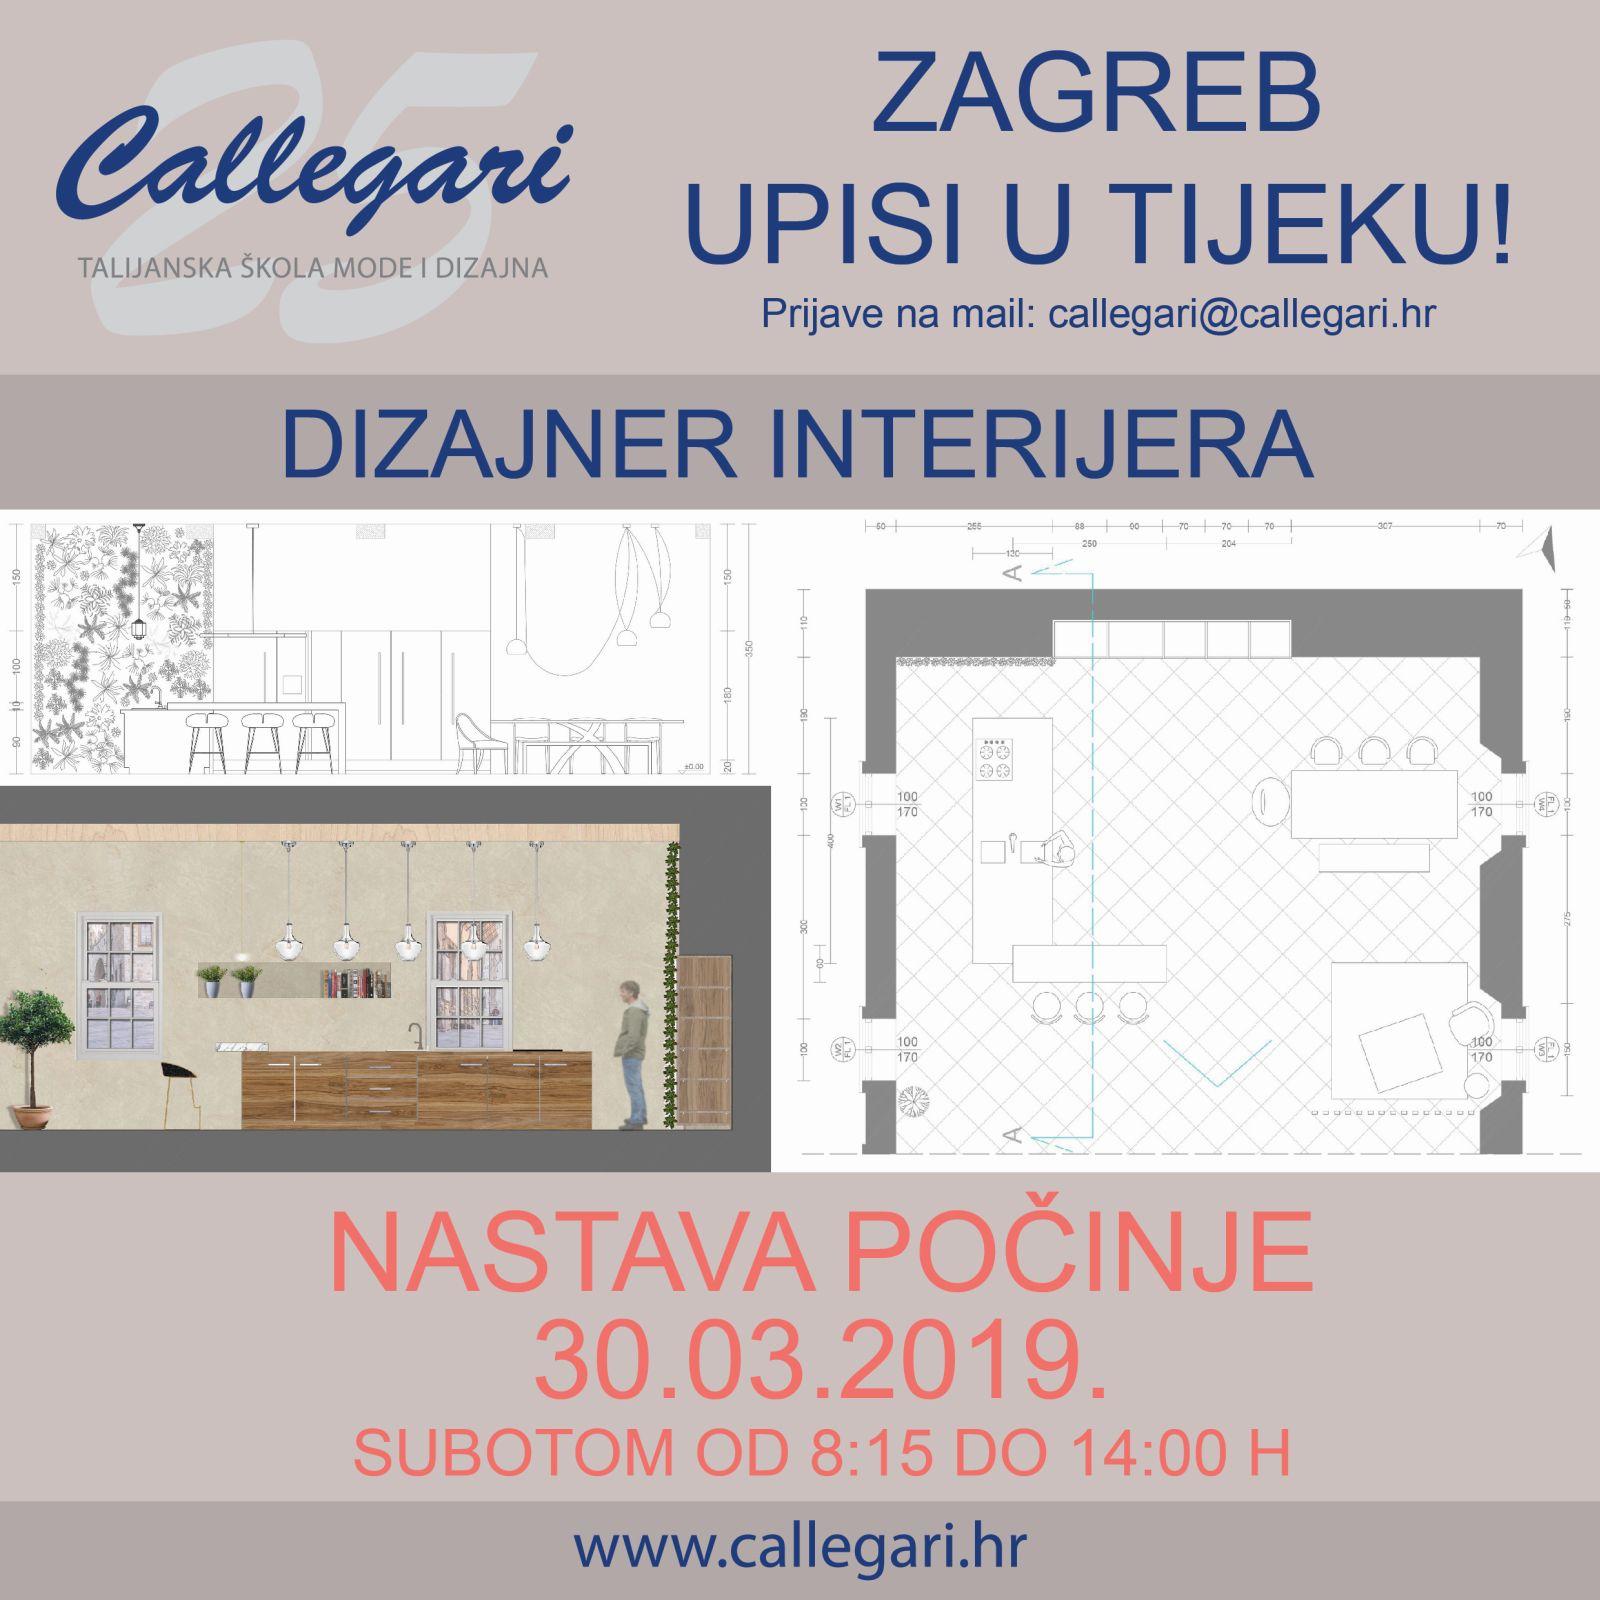 Dizajner interijera - upisi